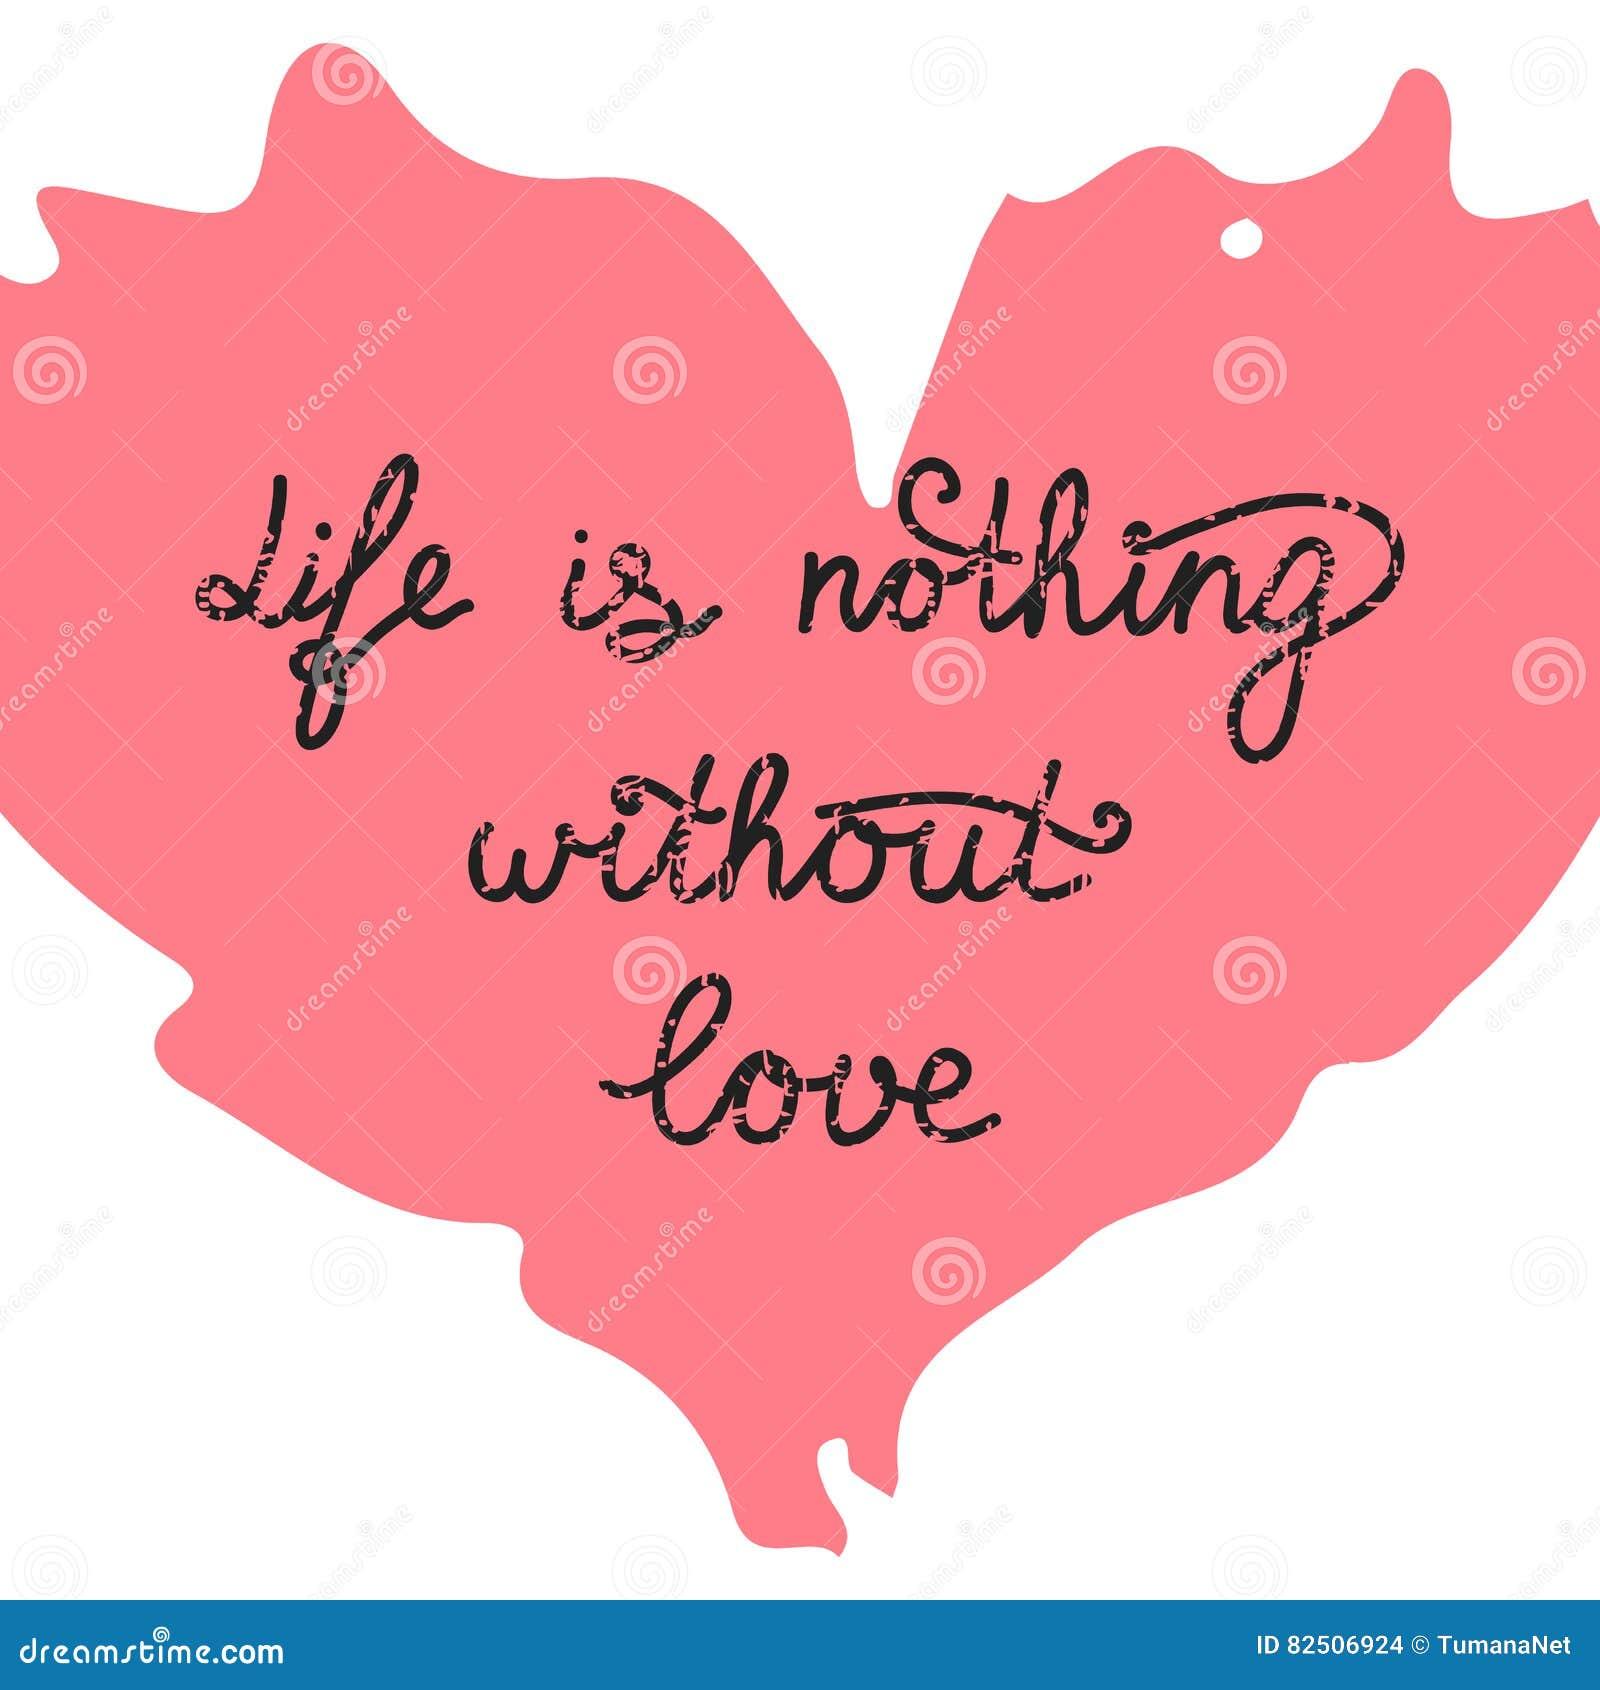 La Vida No Es Nada Sin El Amor Mano Dibujada Poniendo Letras A La